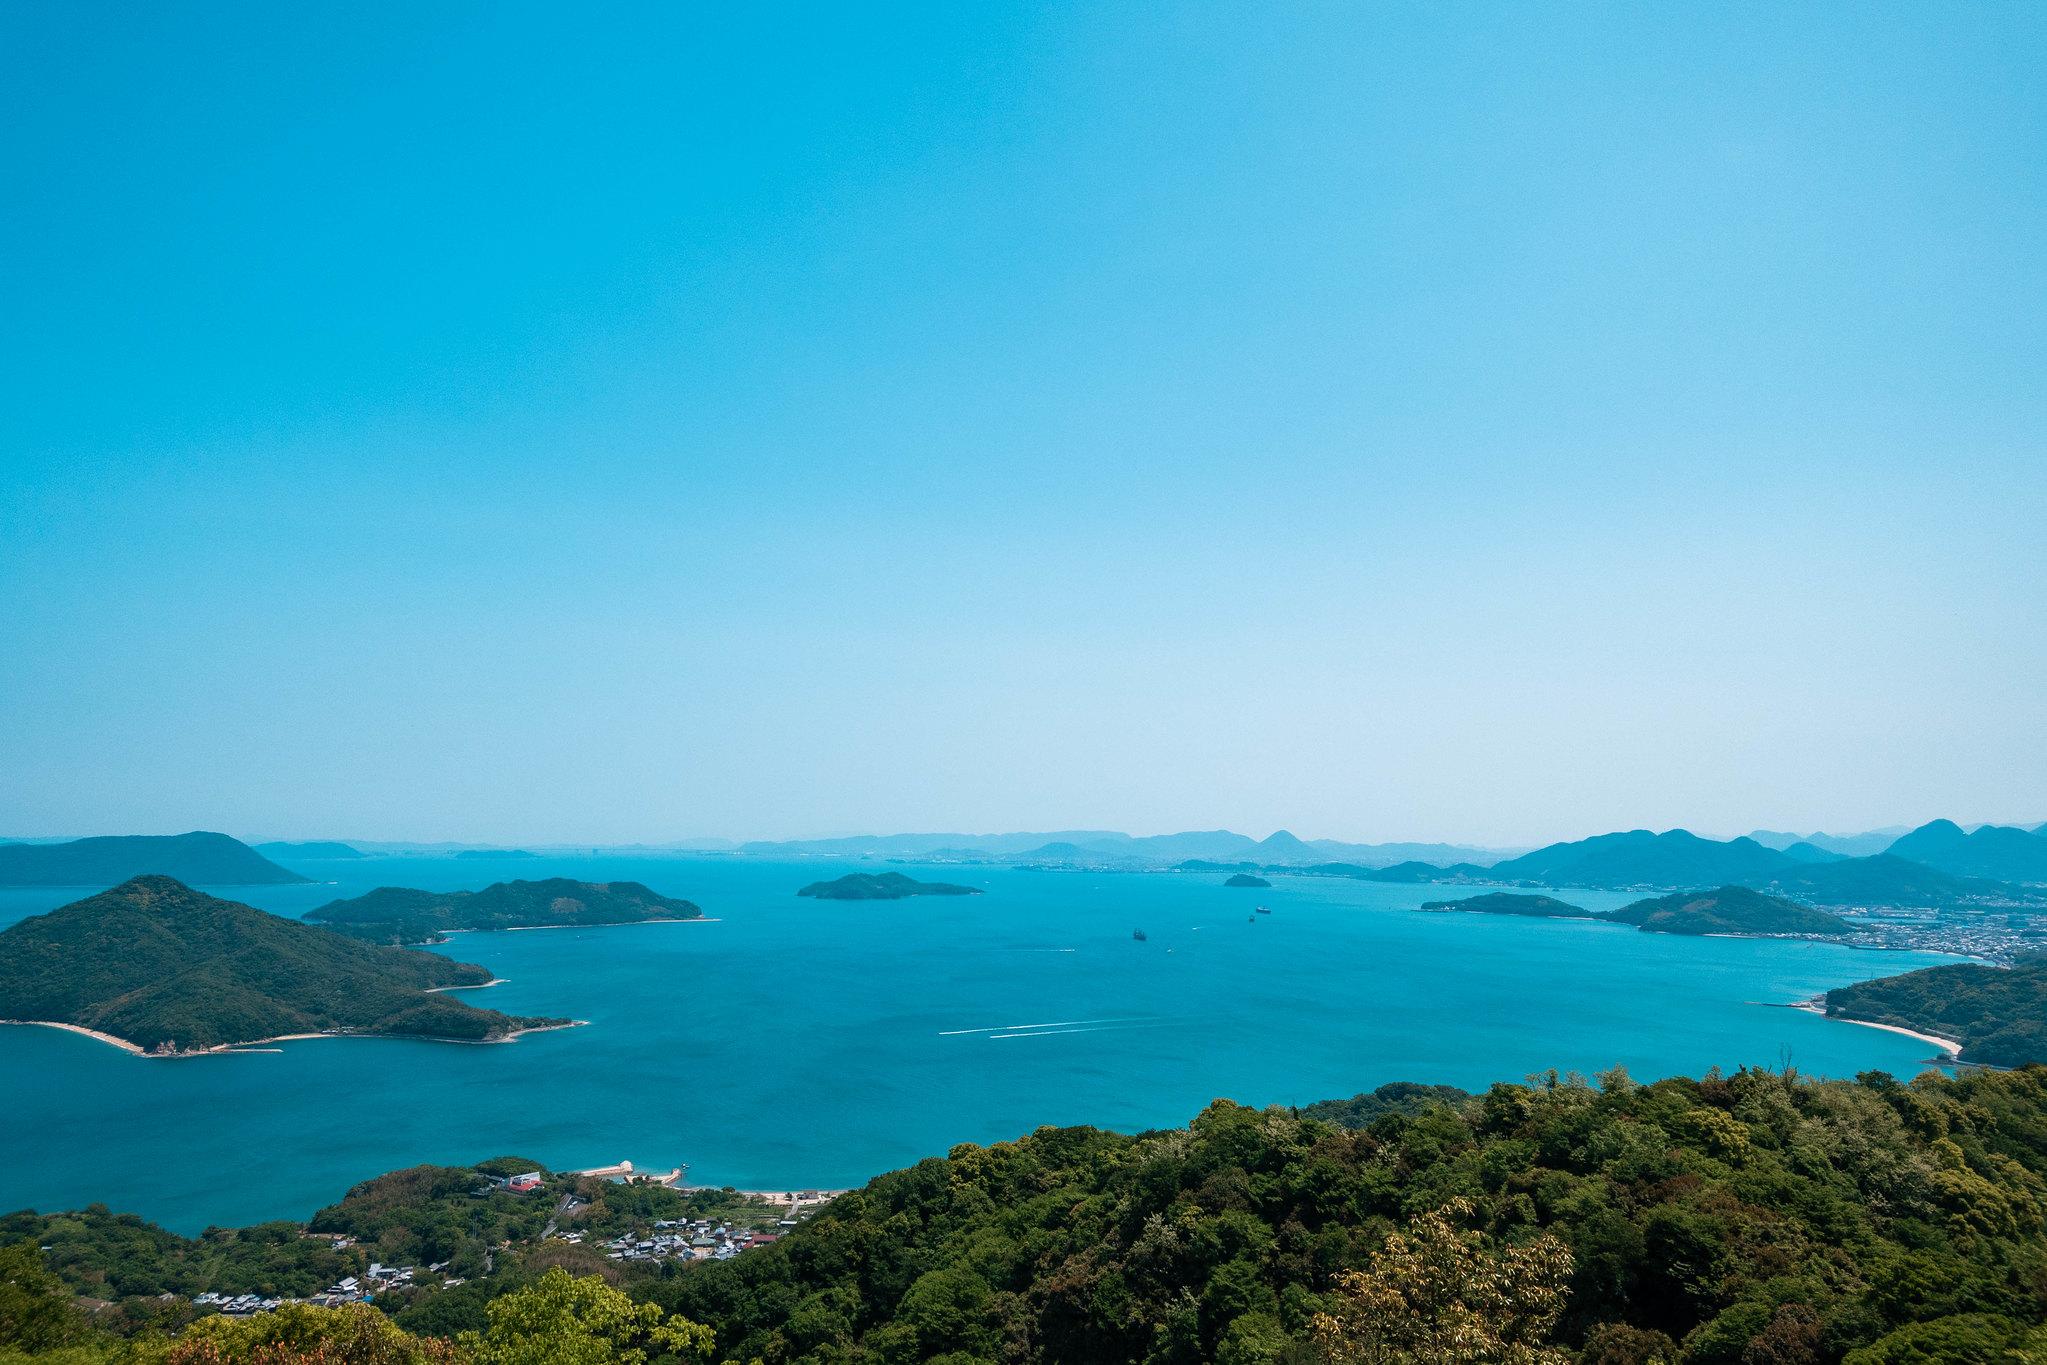 荘内半島から見る瀬戸内海の島と海